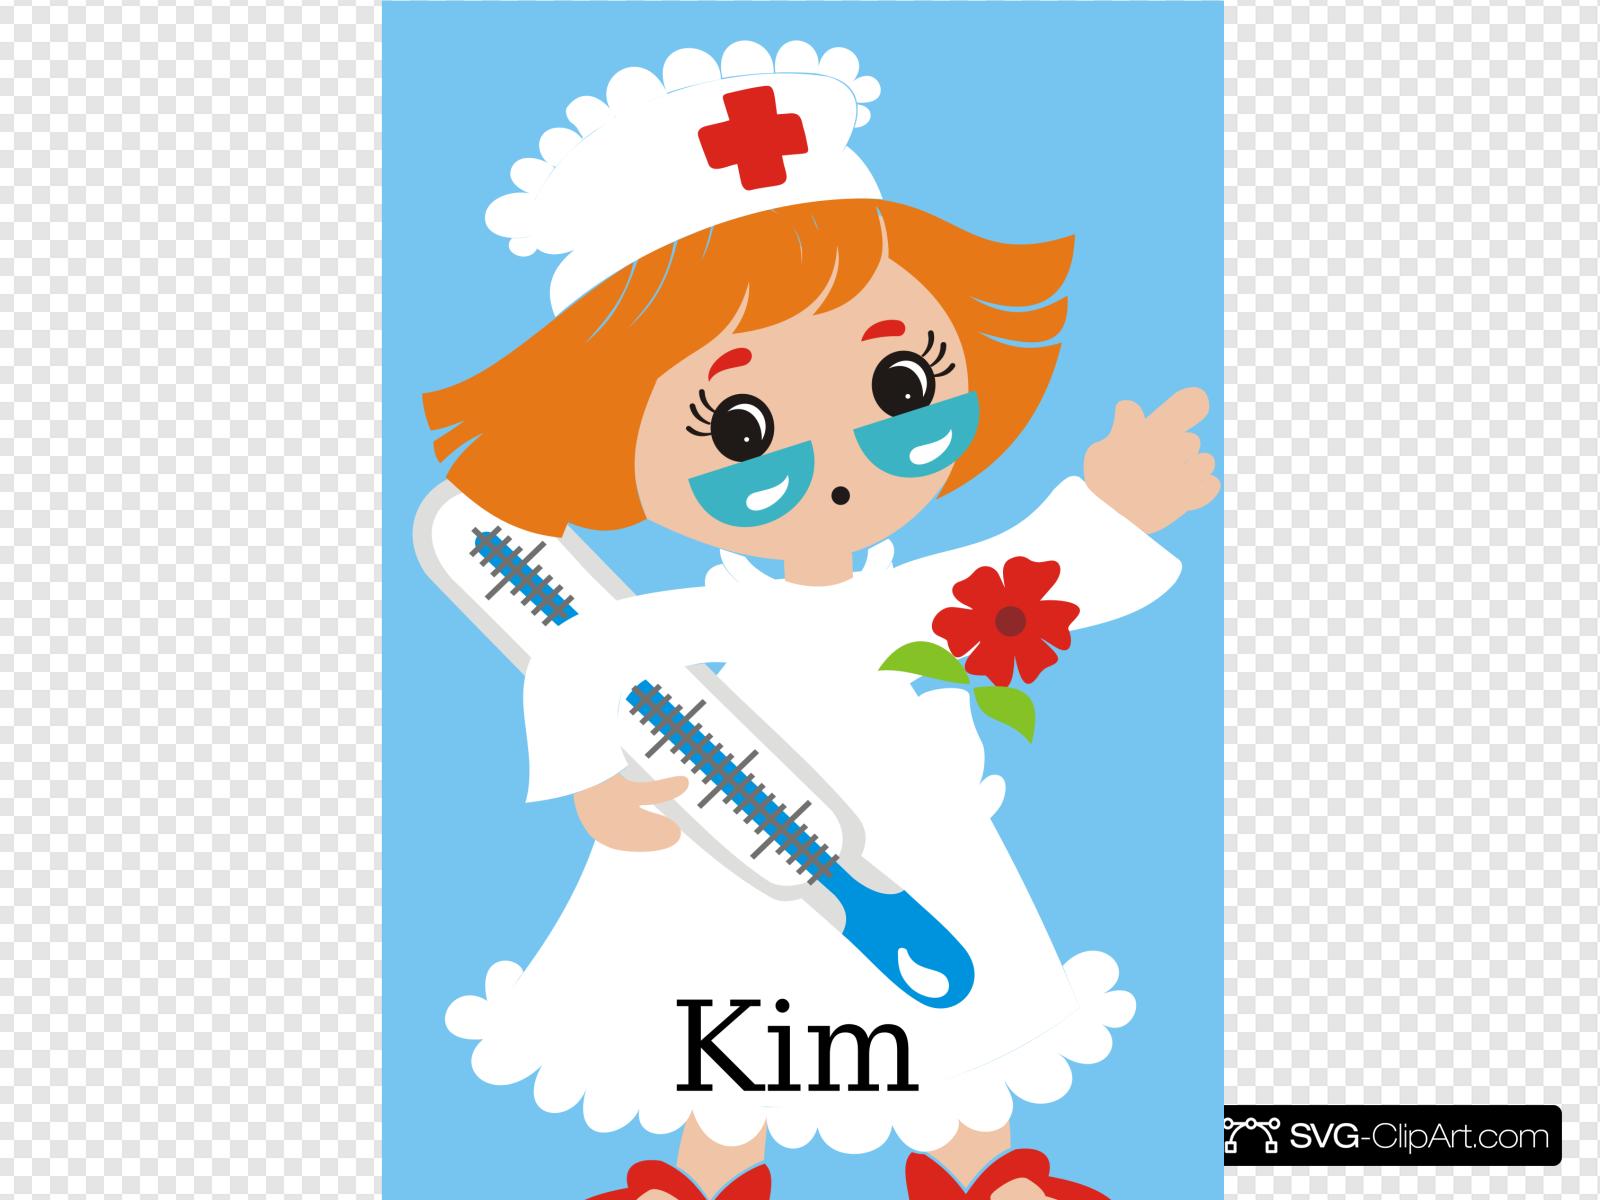 Kim Clip art, Icon and SVG.